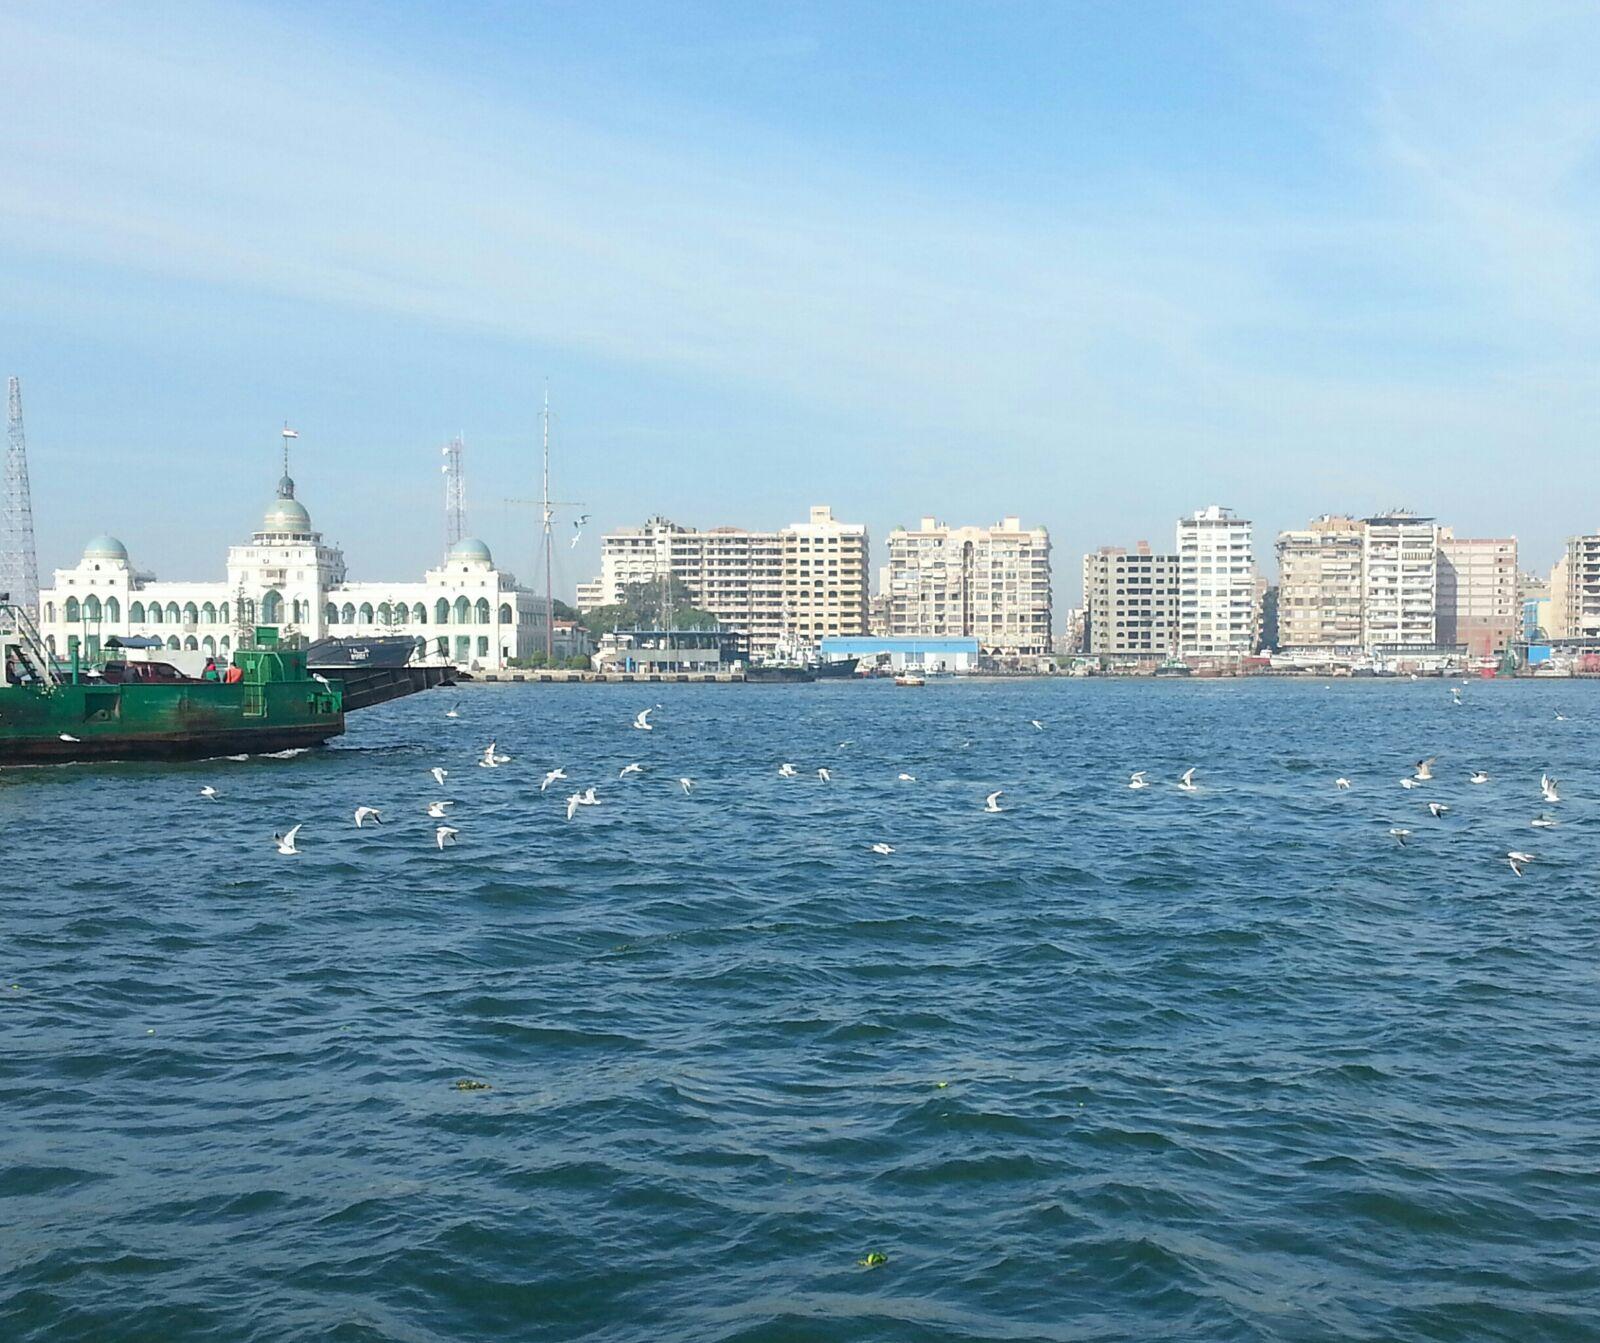 في بورسعيد.. ركاب المعدية اعتادوا إلقاء بقايا الخبز لإطعام طيور النورس